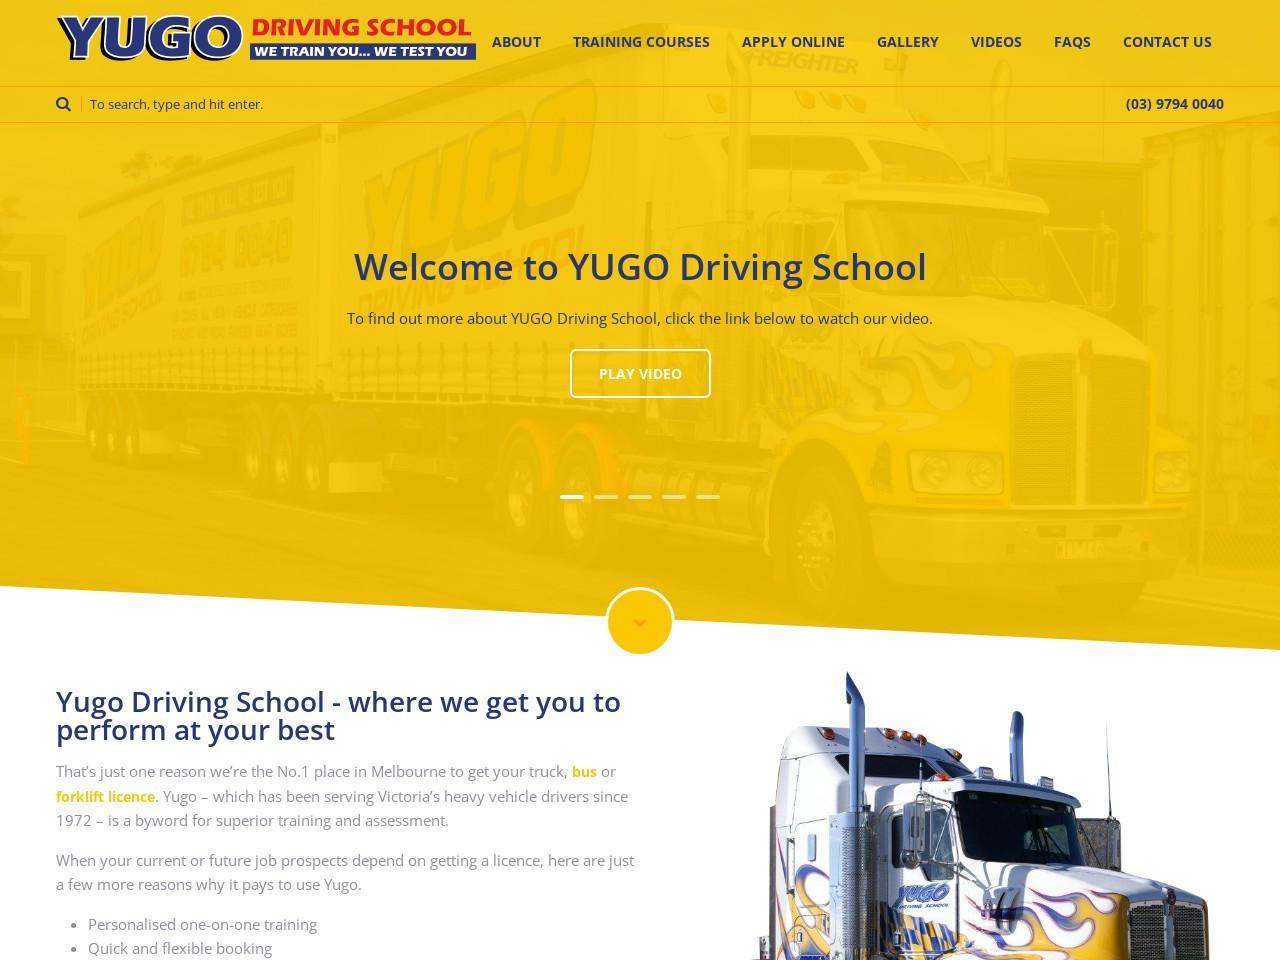 ウェブサイトのスクリーンショット画像